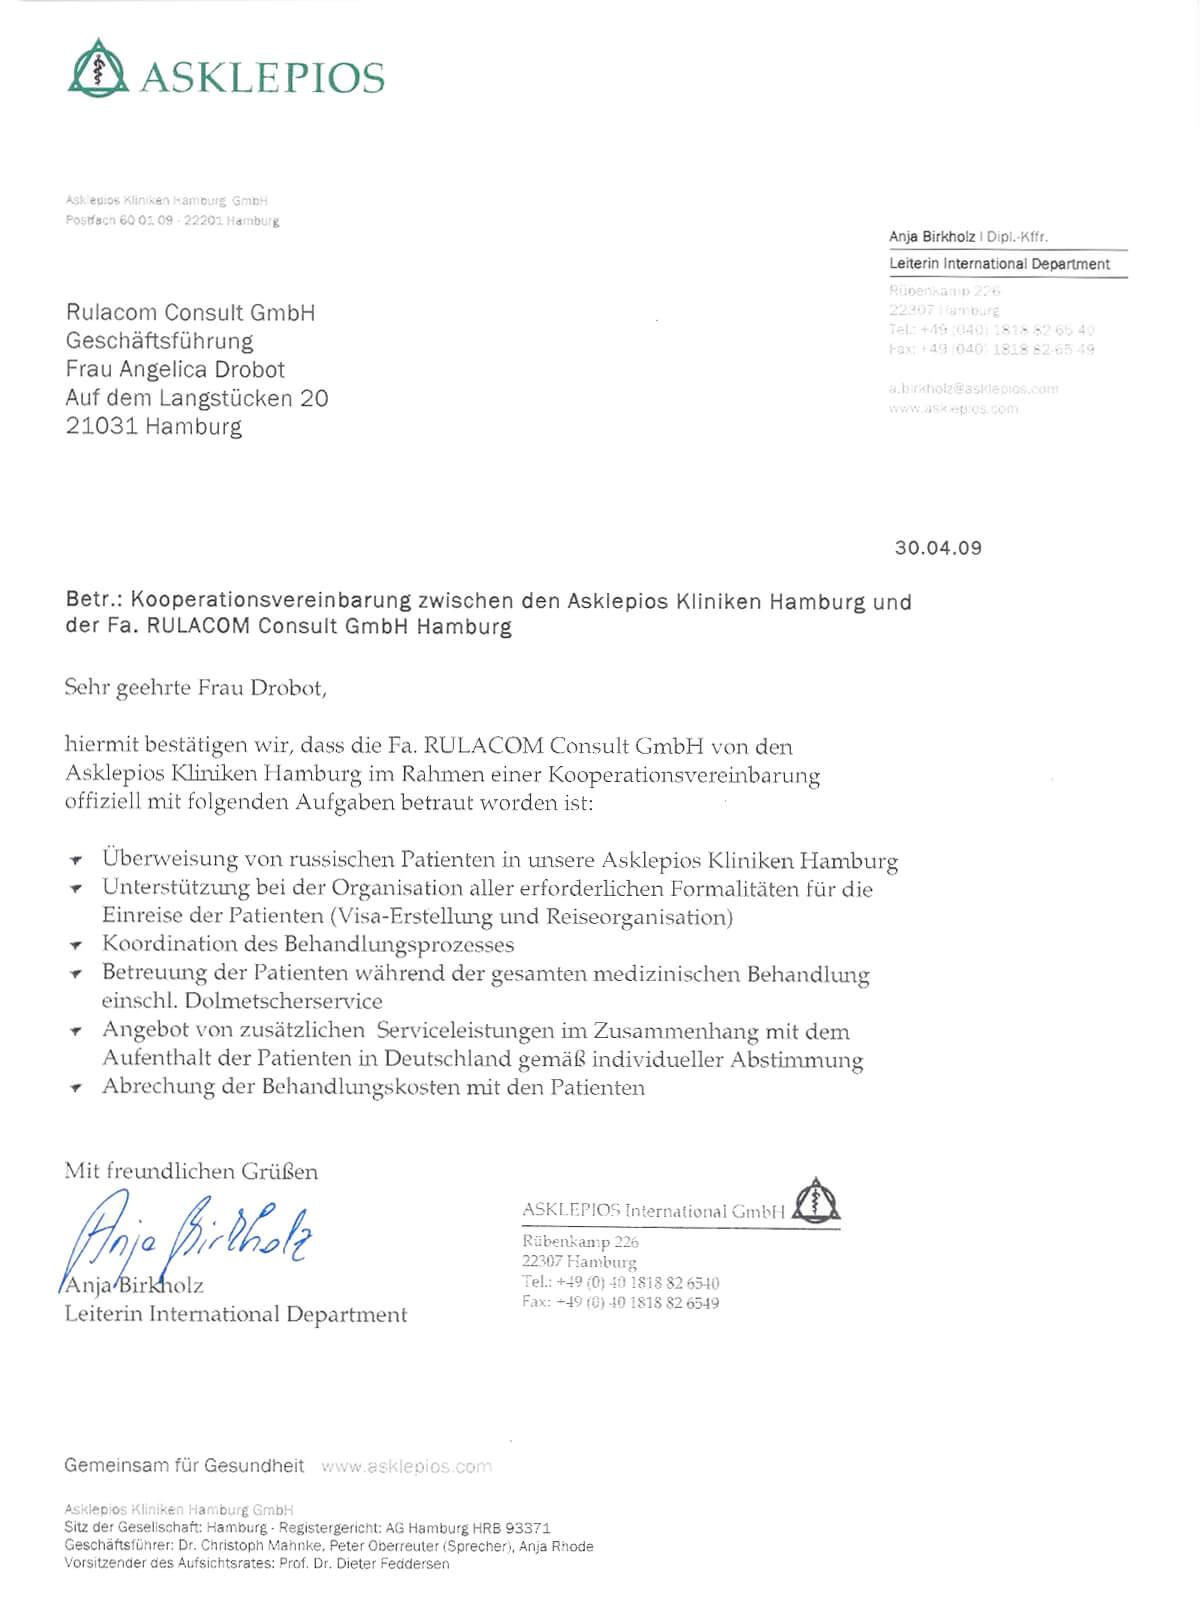 Соглашение о кооперации между клиниками Асклепиос Гамбург и фирмой Рулаком Консалт ГмбХ Гамбург